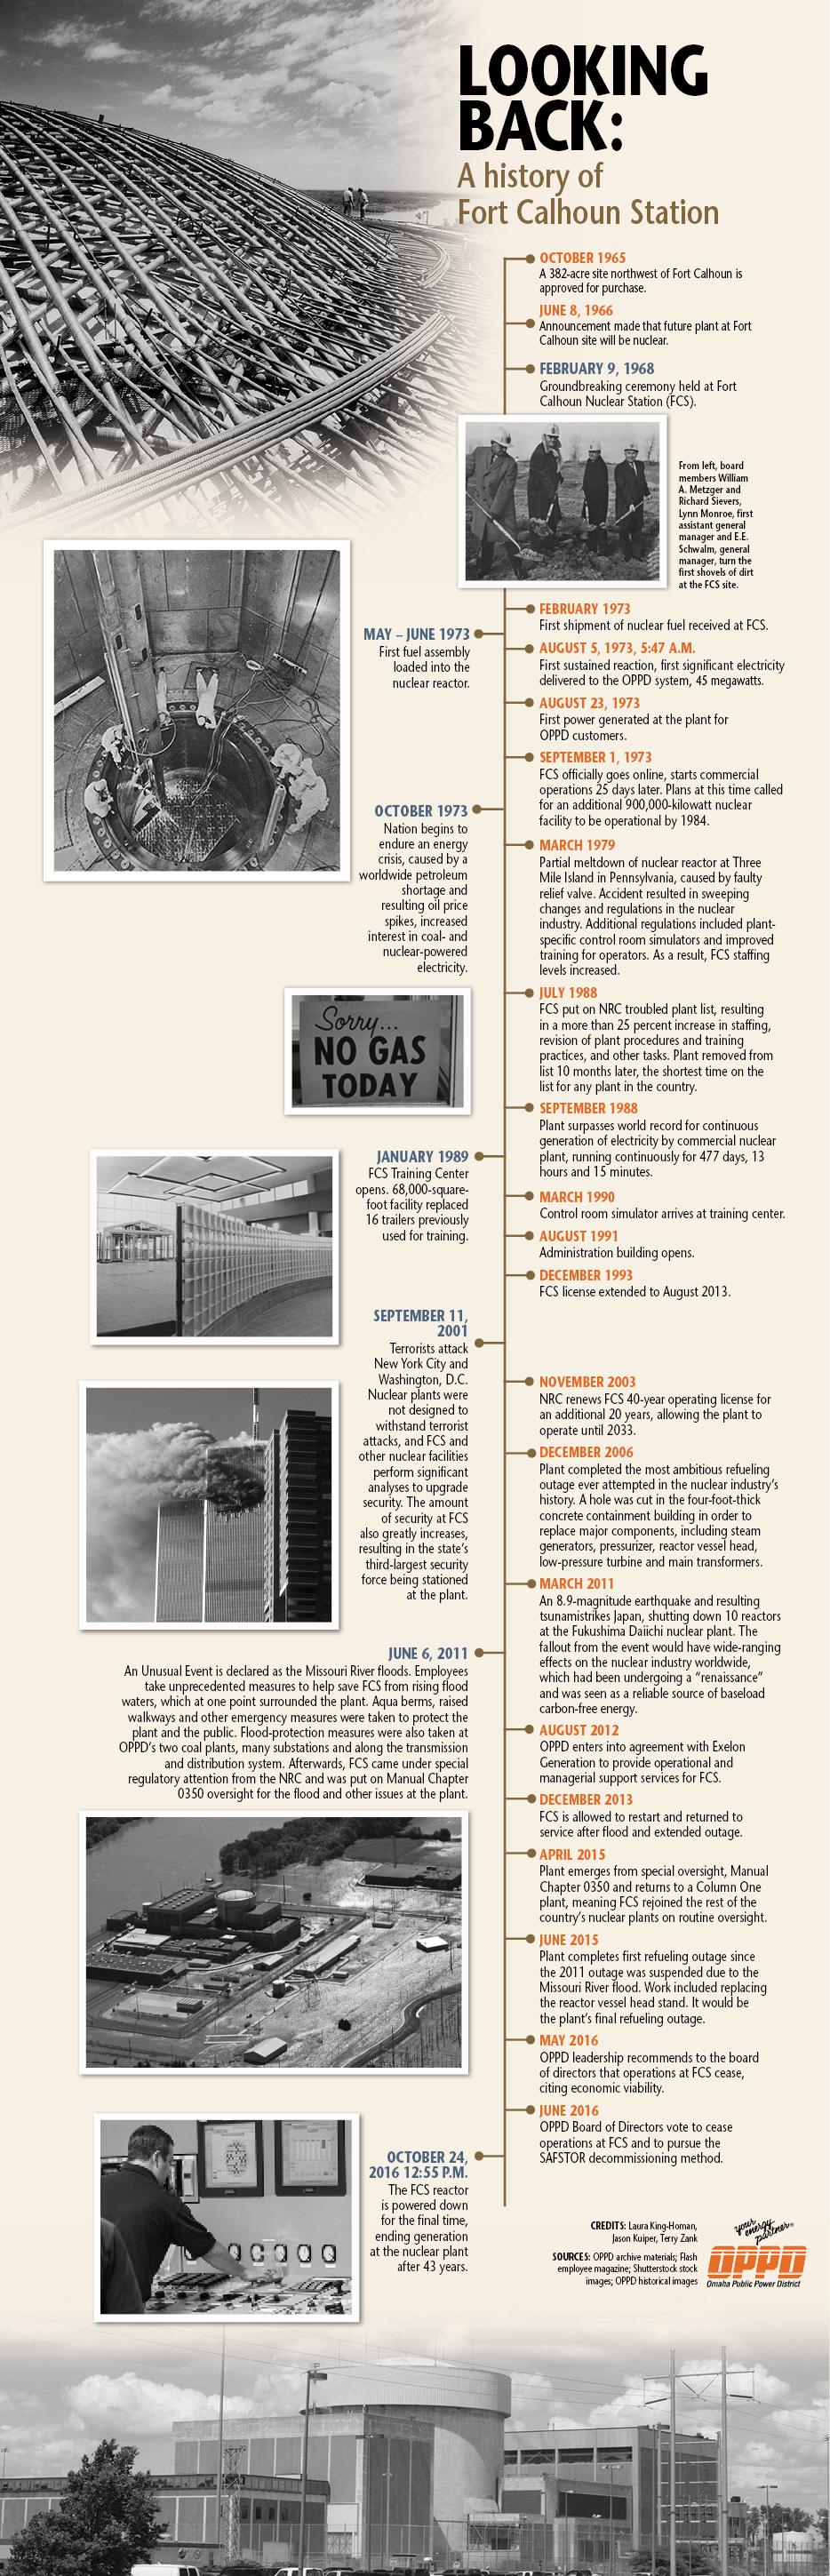 flbk_fcs-timeline-infographic